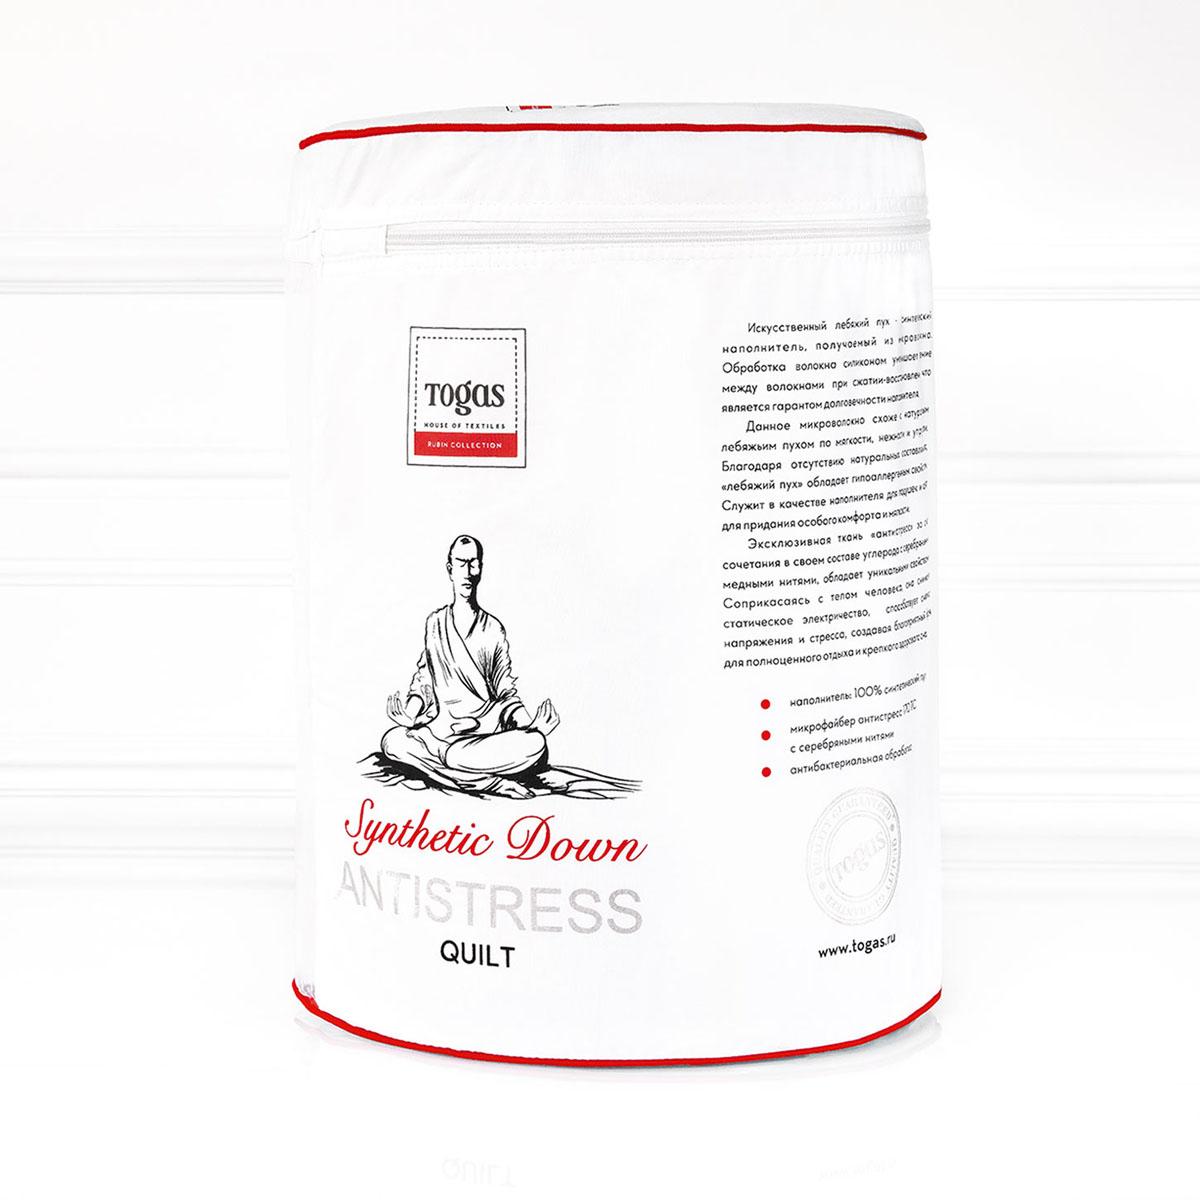 Одеяло Togas Антистресс Плюс, 220 х 240 см20.04.12.0027Признайтесь: вы об этом мечтали... Одеяло, которое, подобное капсуле здоровья, восстанавливает силы, снимает стресс и напряжение, пока вы спите. Это не сон. Это одеяло Togas Антистресс Плюс.Микрофайбер, из которого сделан чехол, - это высокотехнологичный материал, получаемый благодаря определенным процессам расслоения волокна. К числу его достоинств относятся: прочность, экологическая чистота, гипоаллергенность и гигиеничность. Но в этом одеяле использован не простой микрофайбер. Современные технологии позволили создать уникальную инновационную ткань, которая обладает омолаживающим эффектом, способствует снятию стресса и заботится о вашем здоровье во время сна. Она содержит углерод, а также серебряные и медные нити. Соприкасаясь с телом человека, эта ткань снимает статическое электричество, расслабляет мышцы и регулирует биотоки, создавая благоприятный фон для полноценного отдыха. В качестве наполнителя использован искусственный лебяжий пух, получаемый из микроволокна. Обработка волокна силиконом уменьшает трение между волокнами при сжатии-восстановлении, что является гарантом долговечности наполнителя. По мягкости, нежности и упругости синтетический пух схож с натуральным лебяжьим пухом, но превосходит его по прочности, гипоаллергенности и способности удерживать форму. Уникальный оздоравливающий эффект и безмятежный сон - настоящий подарок в конце каждого дня!